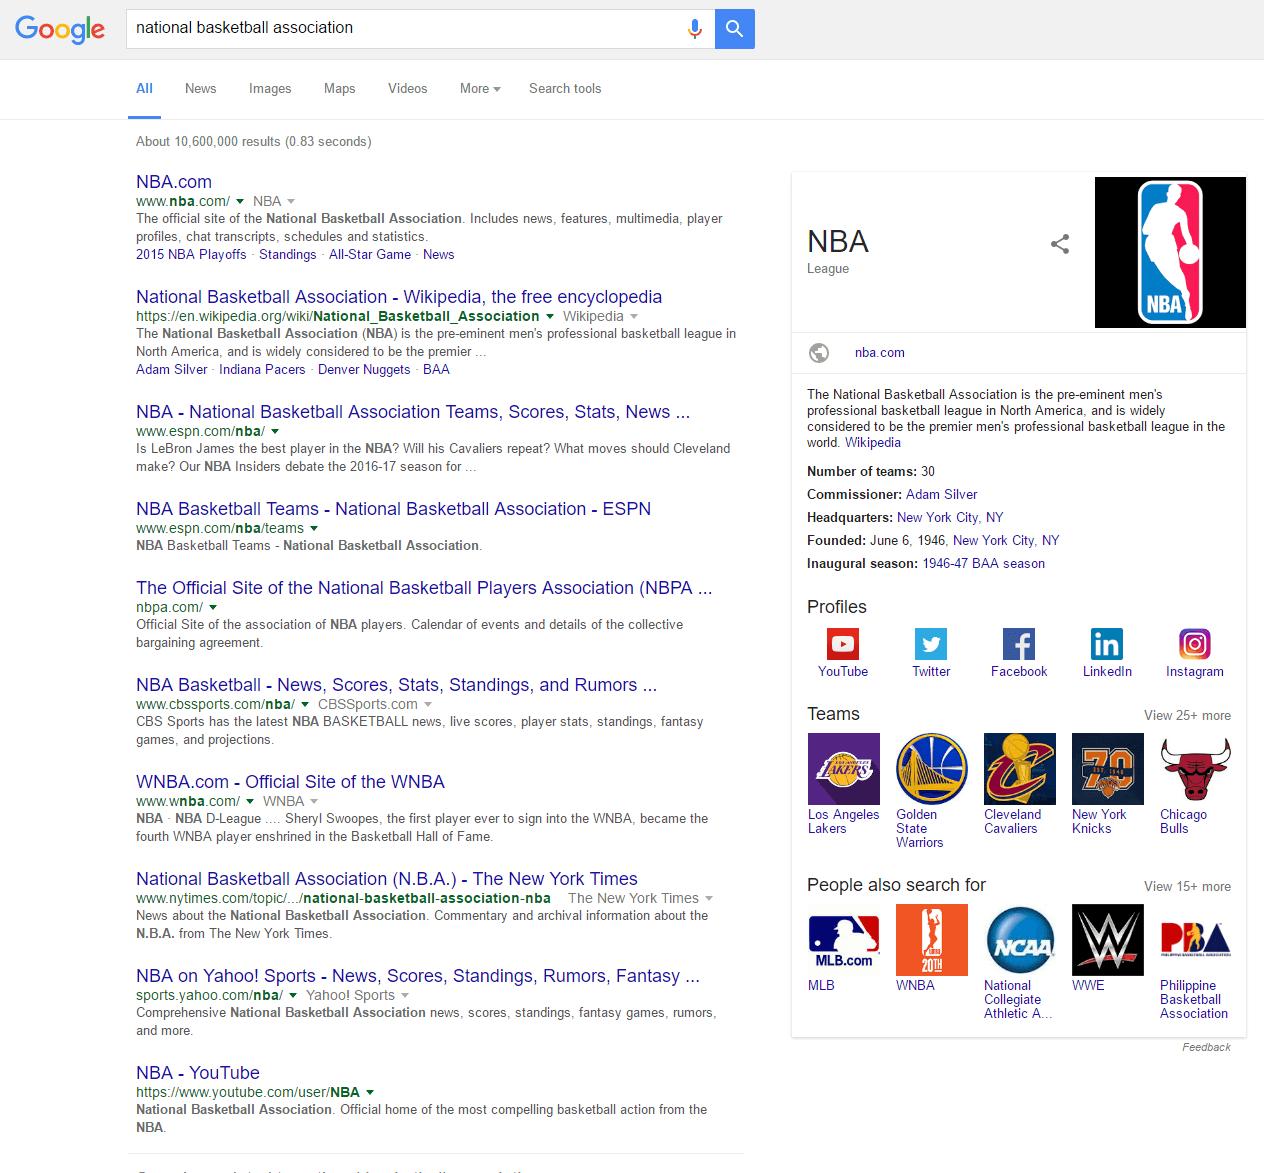 national basketball association SERP